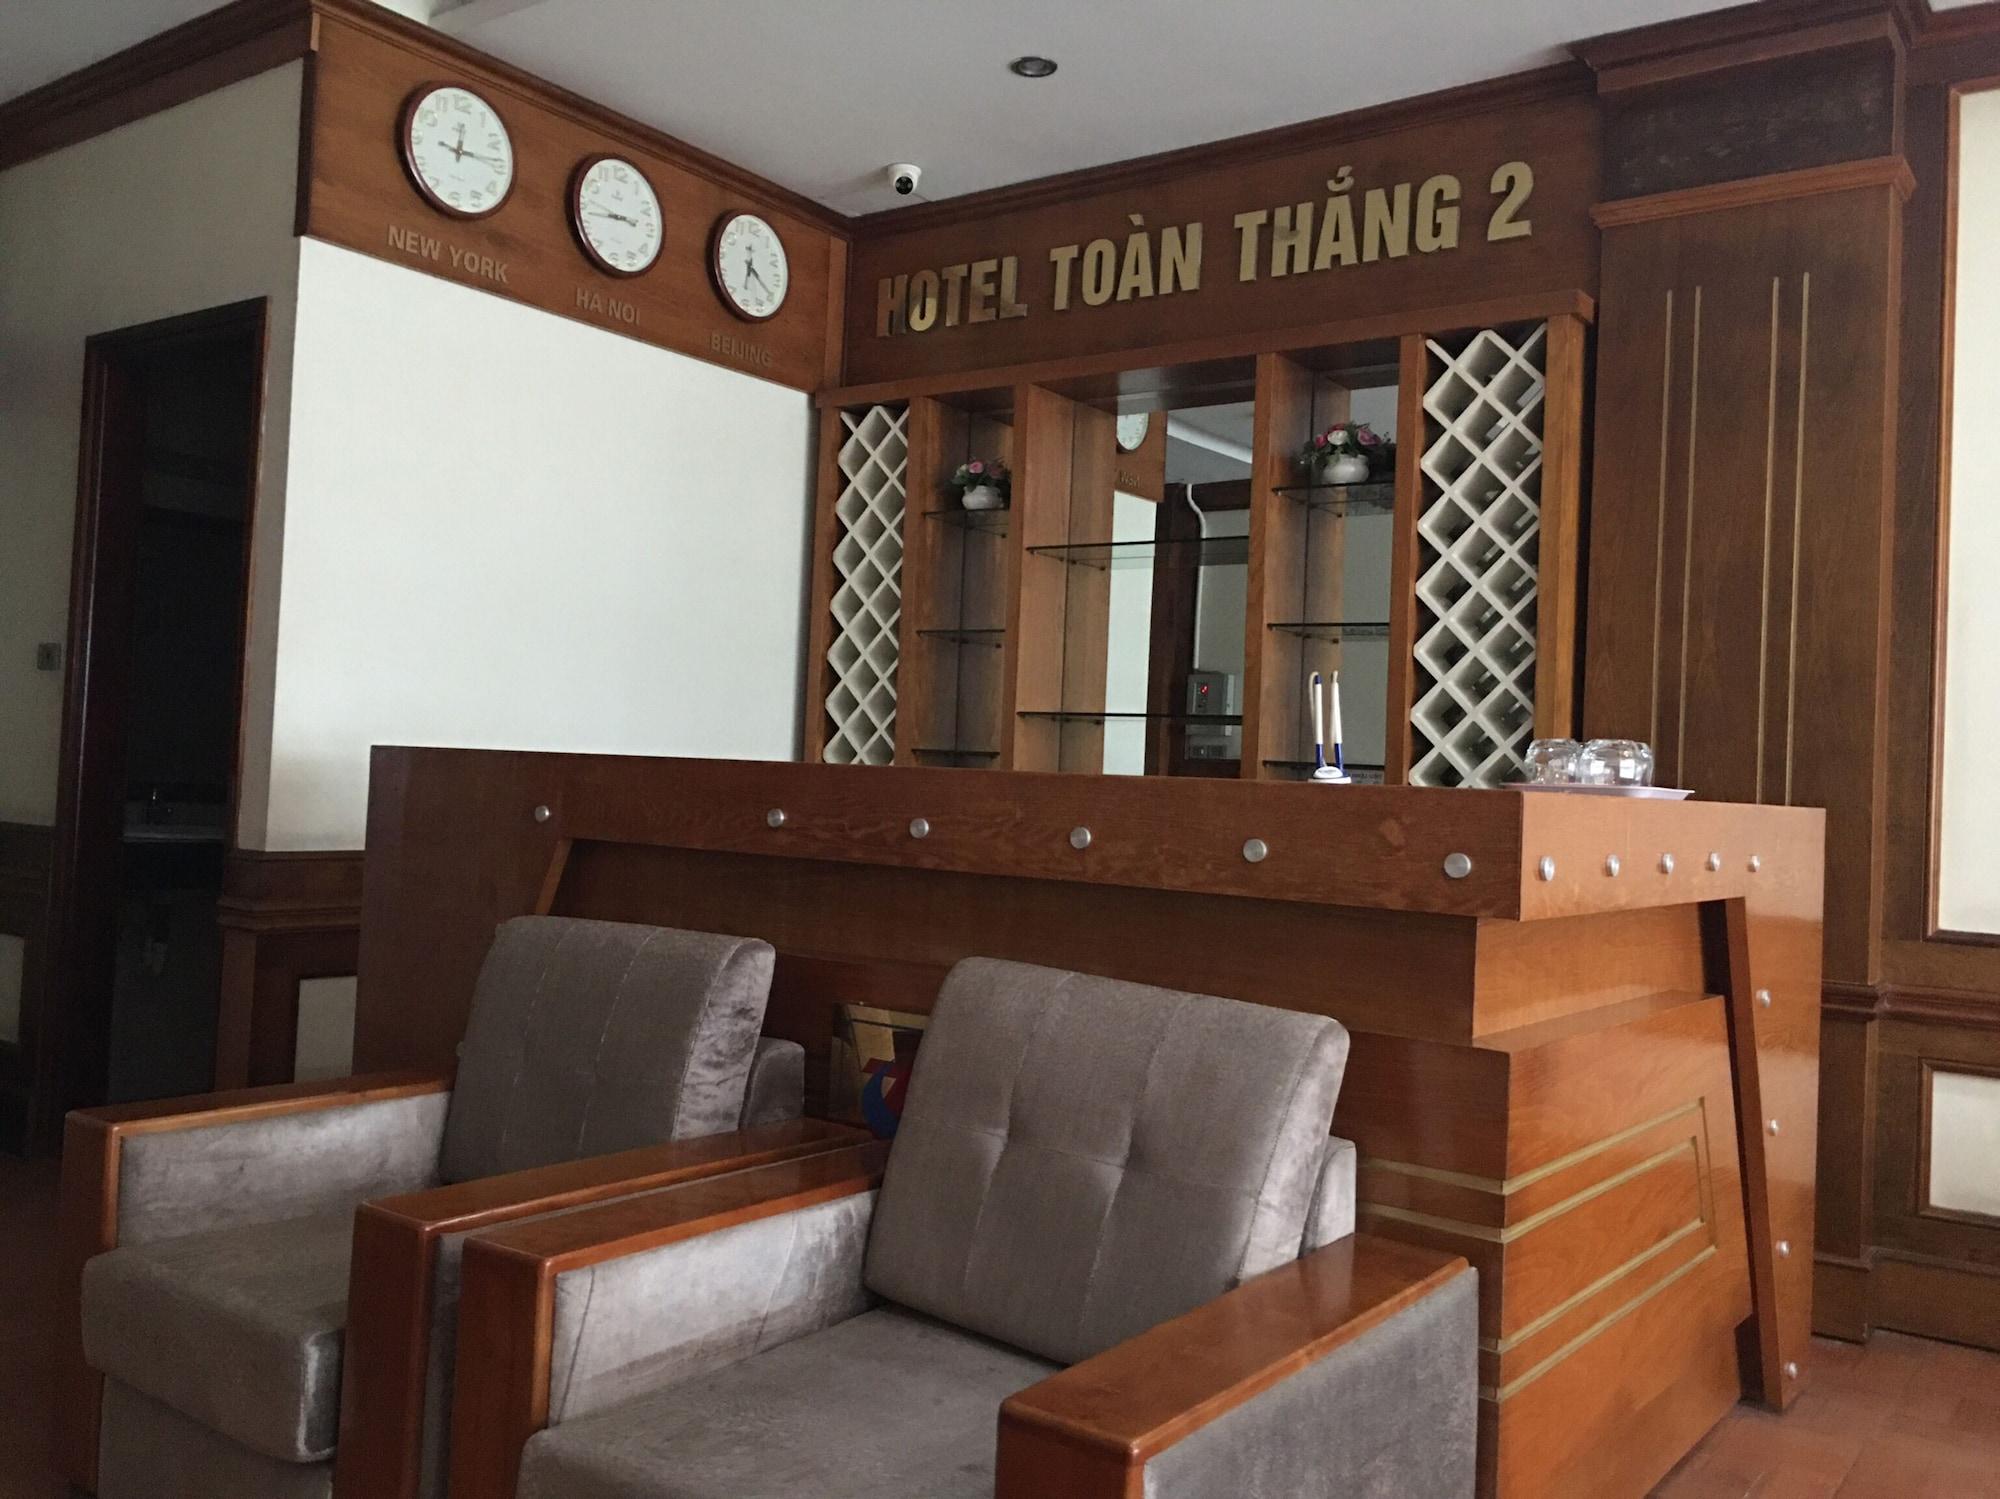 OYO 1092 Toan Thang 2, Đông Anh